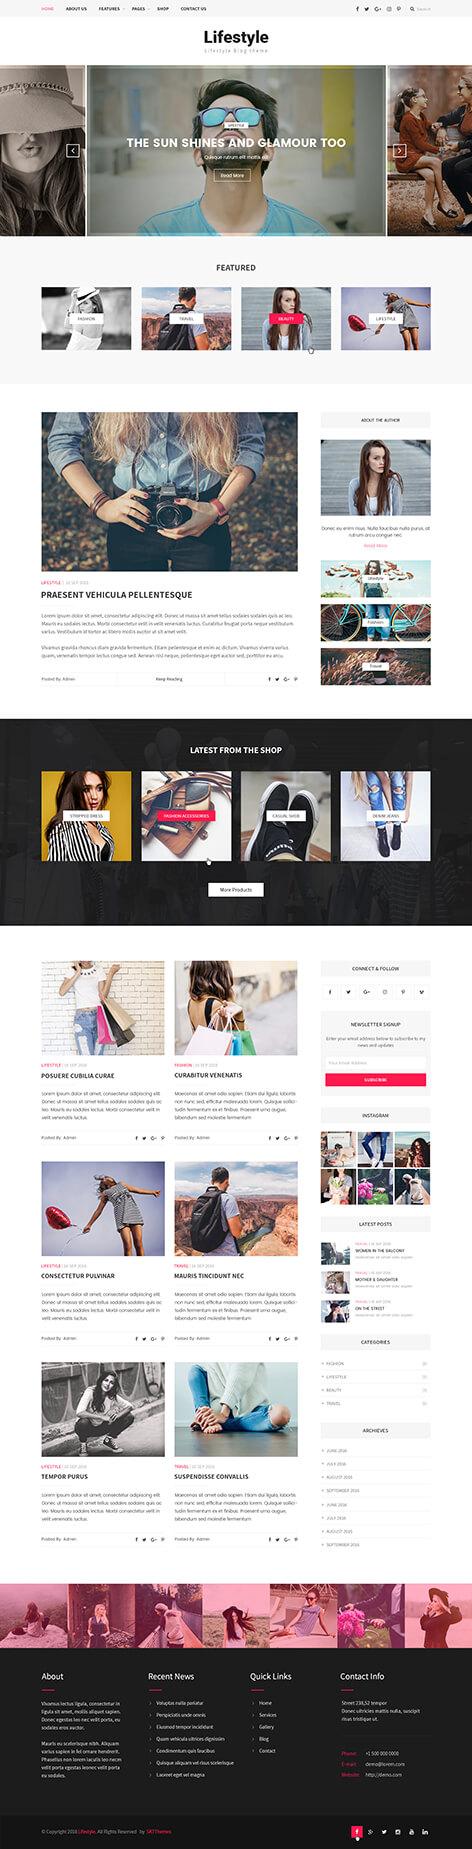 lifestyle blog WordPress theme